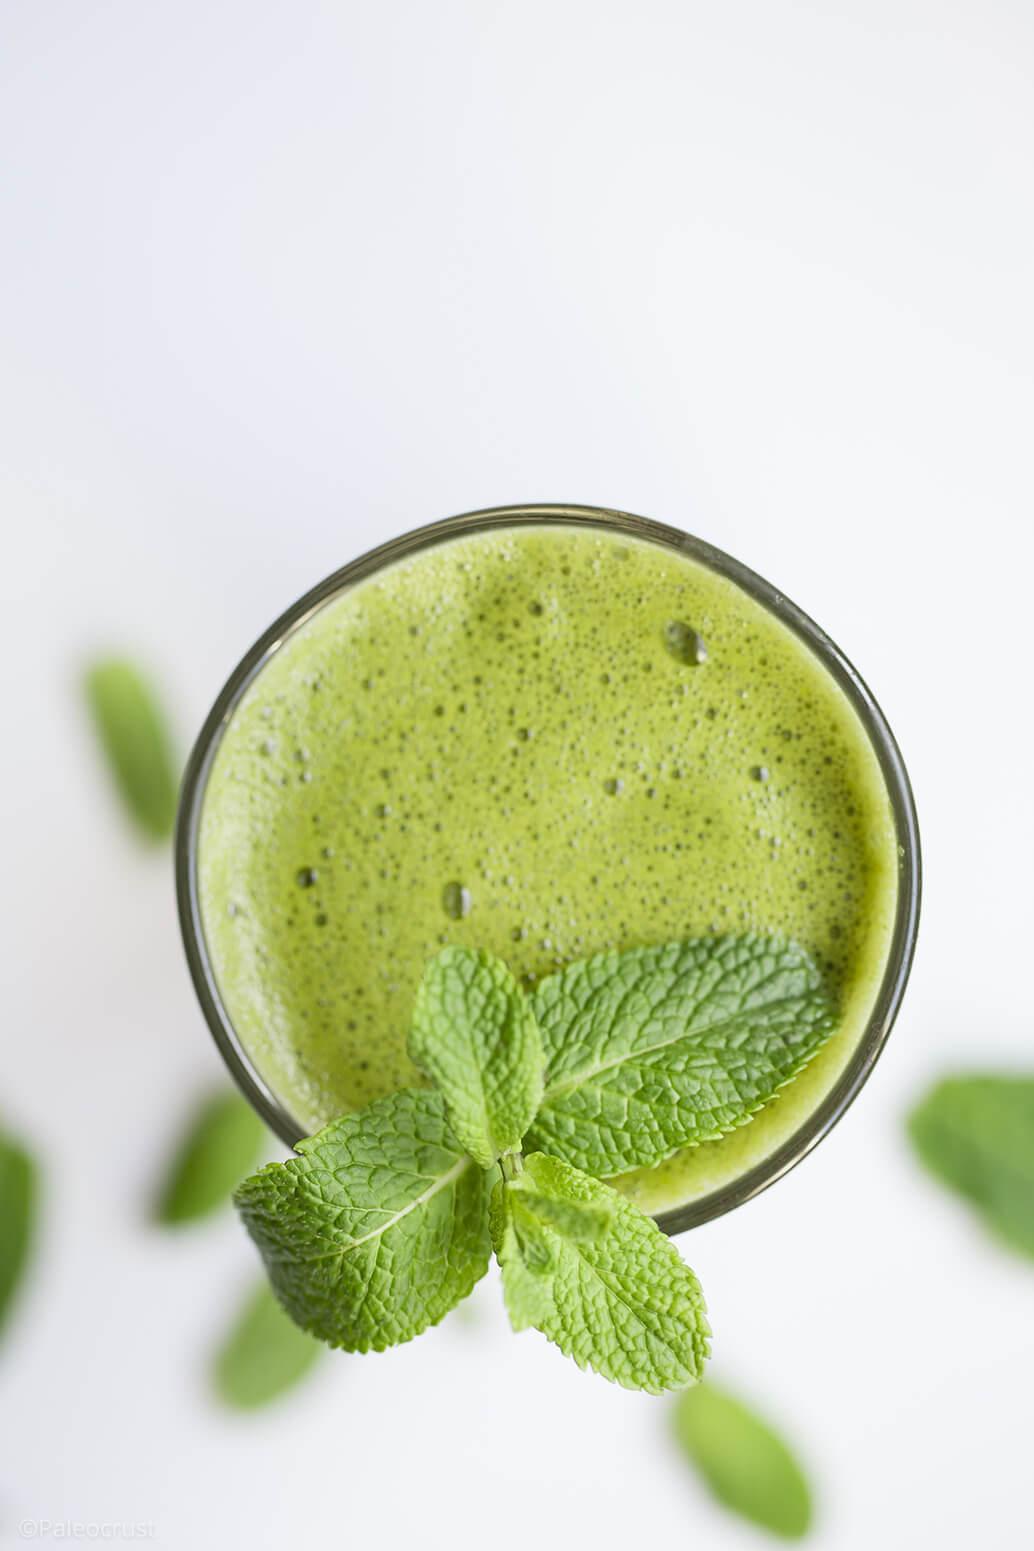 green juice, green juice recipe,collagen, bone broth, bone broth recipes, fruit free juice, fruit free green juice, Paleo Crust, alkalising juice recipe, the alkaline diet, Keto recipes, Paleo recipes, fructose free juice